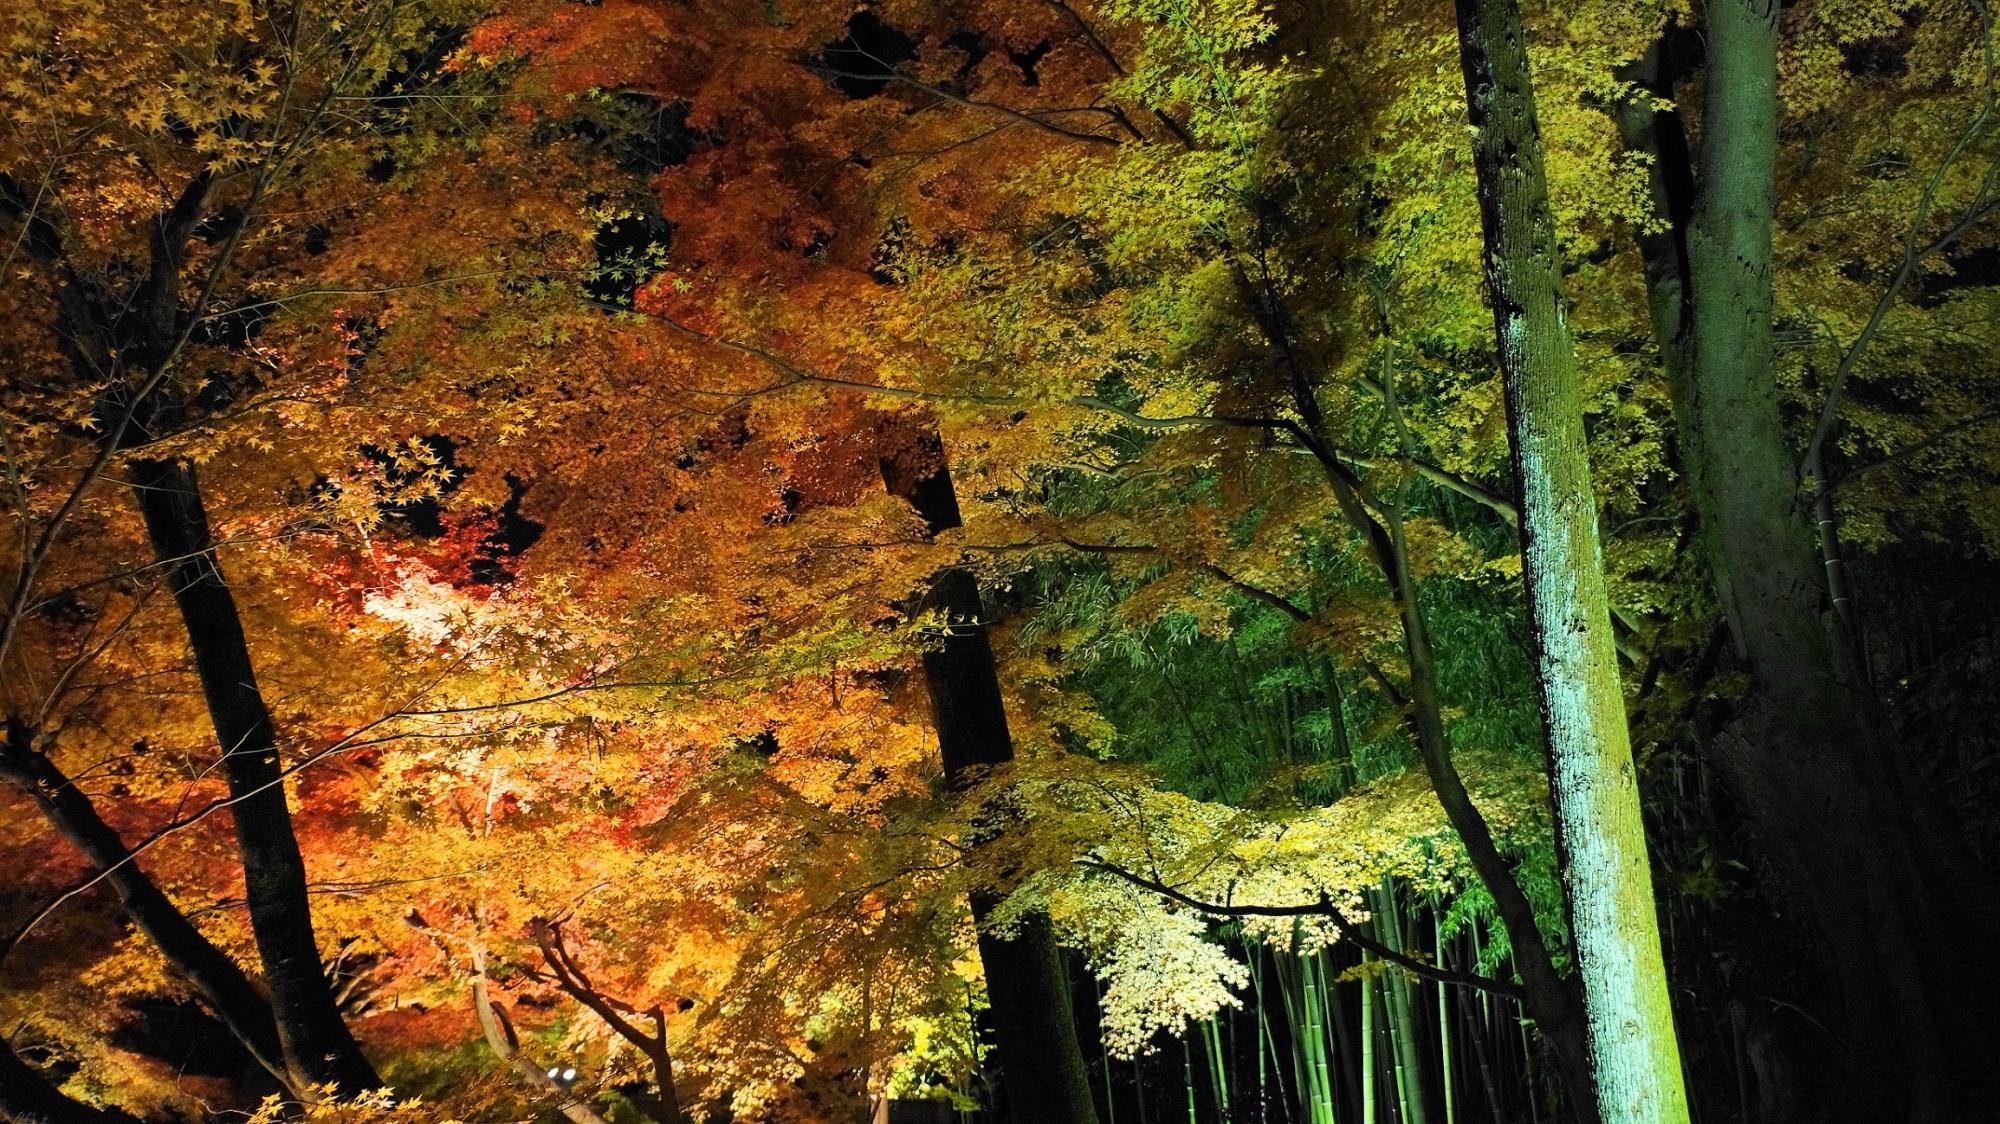 北野天満宮のもみじ苑紅葉と竹林ライトアップ